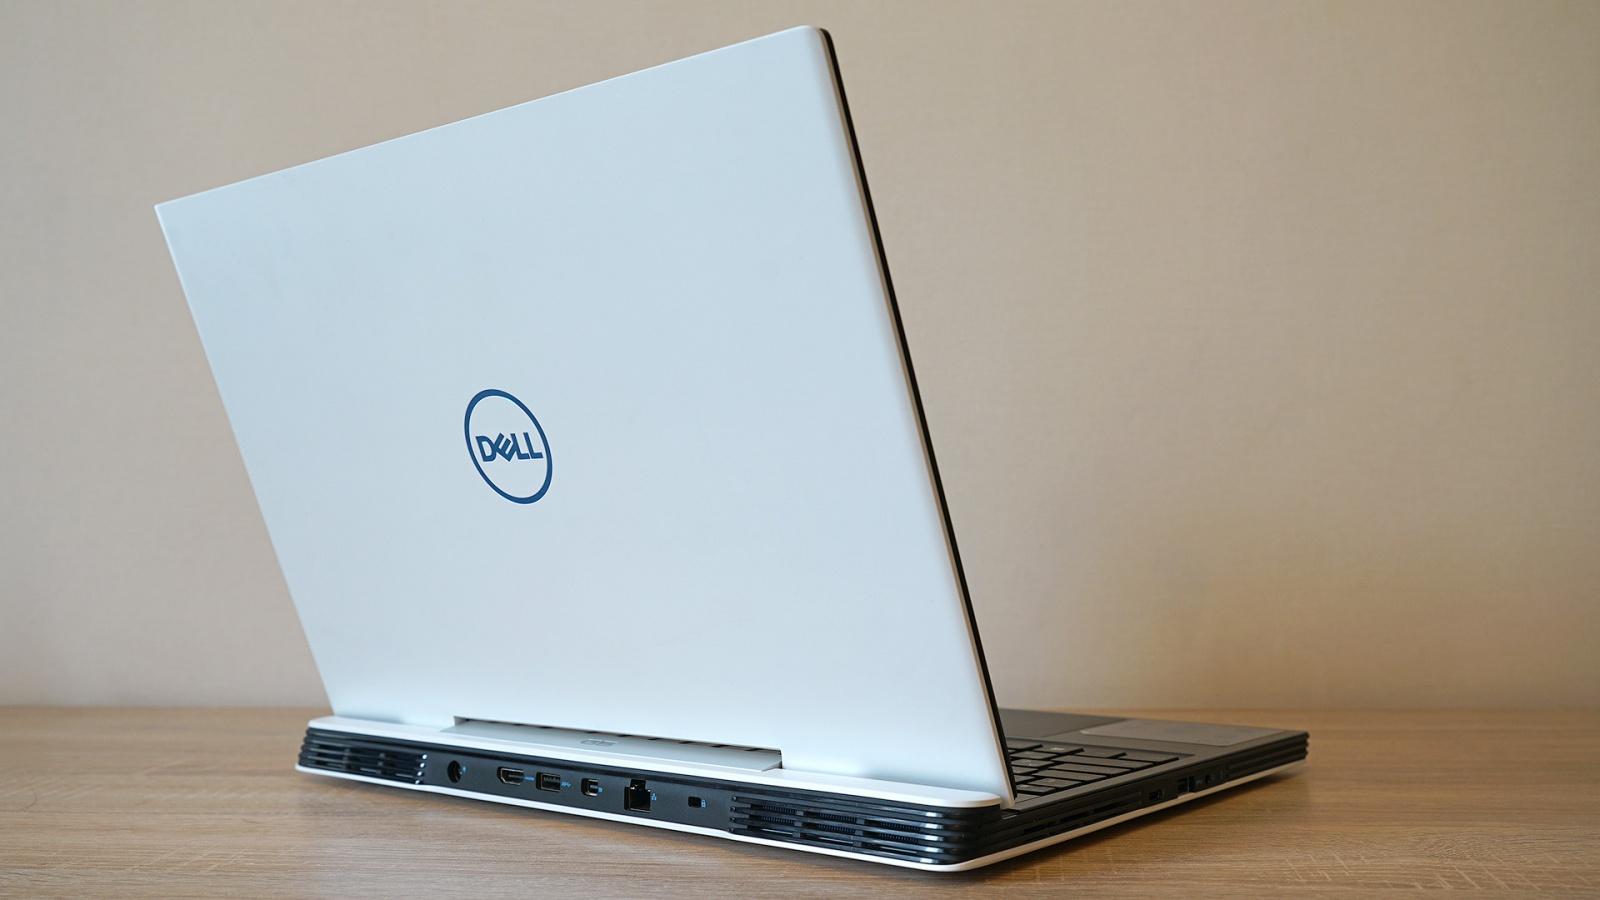 Dell G5 5590: один из самых доступных игровых ноутбуков с RTX 2060 - 1